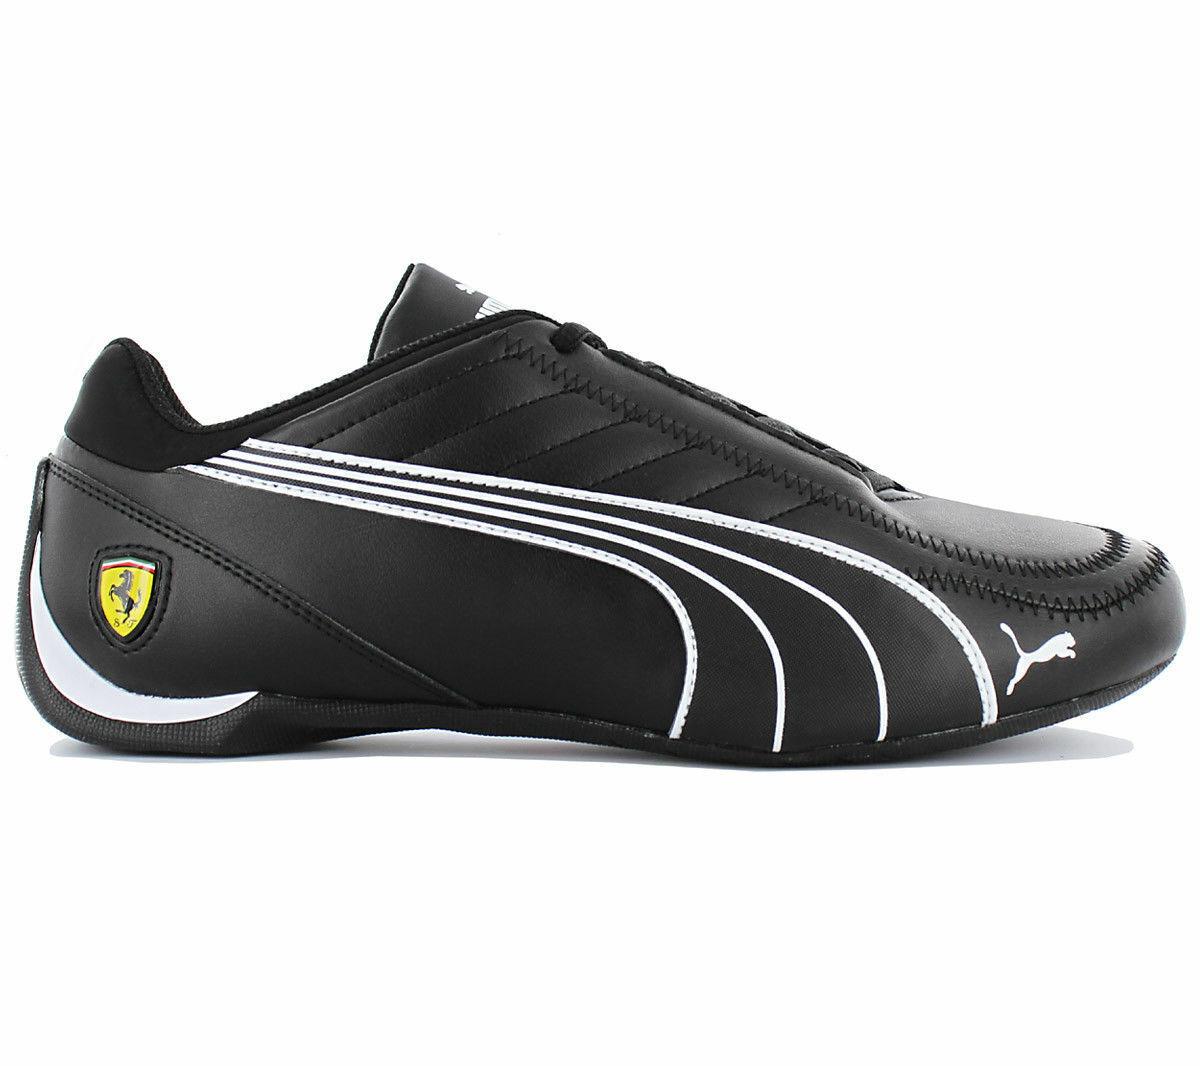 New mens Puma Ferrari Future Kart cat motorsport shoes black white 306170 02 new